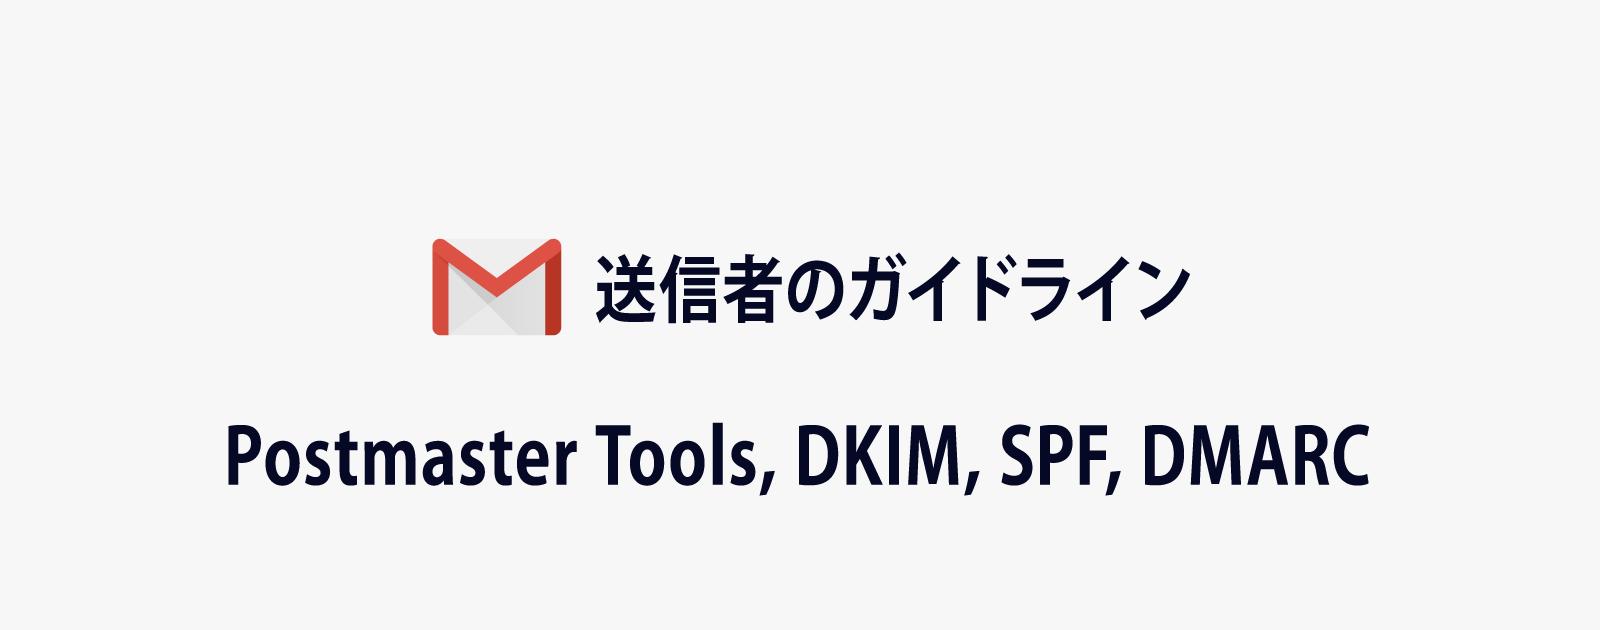 Gmailに学ぶ「セキュリティに配慮したメールサーバを構築する方法」